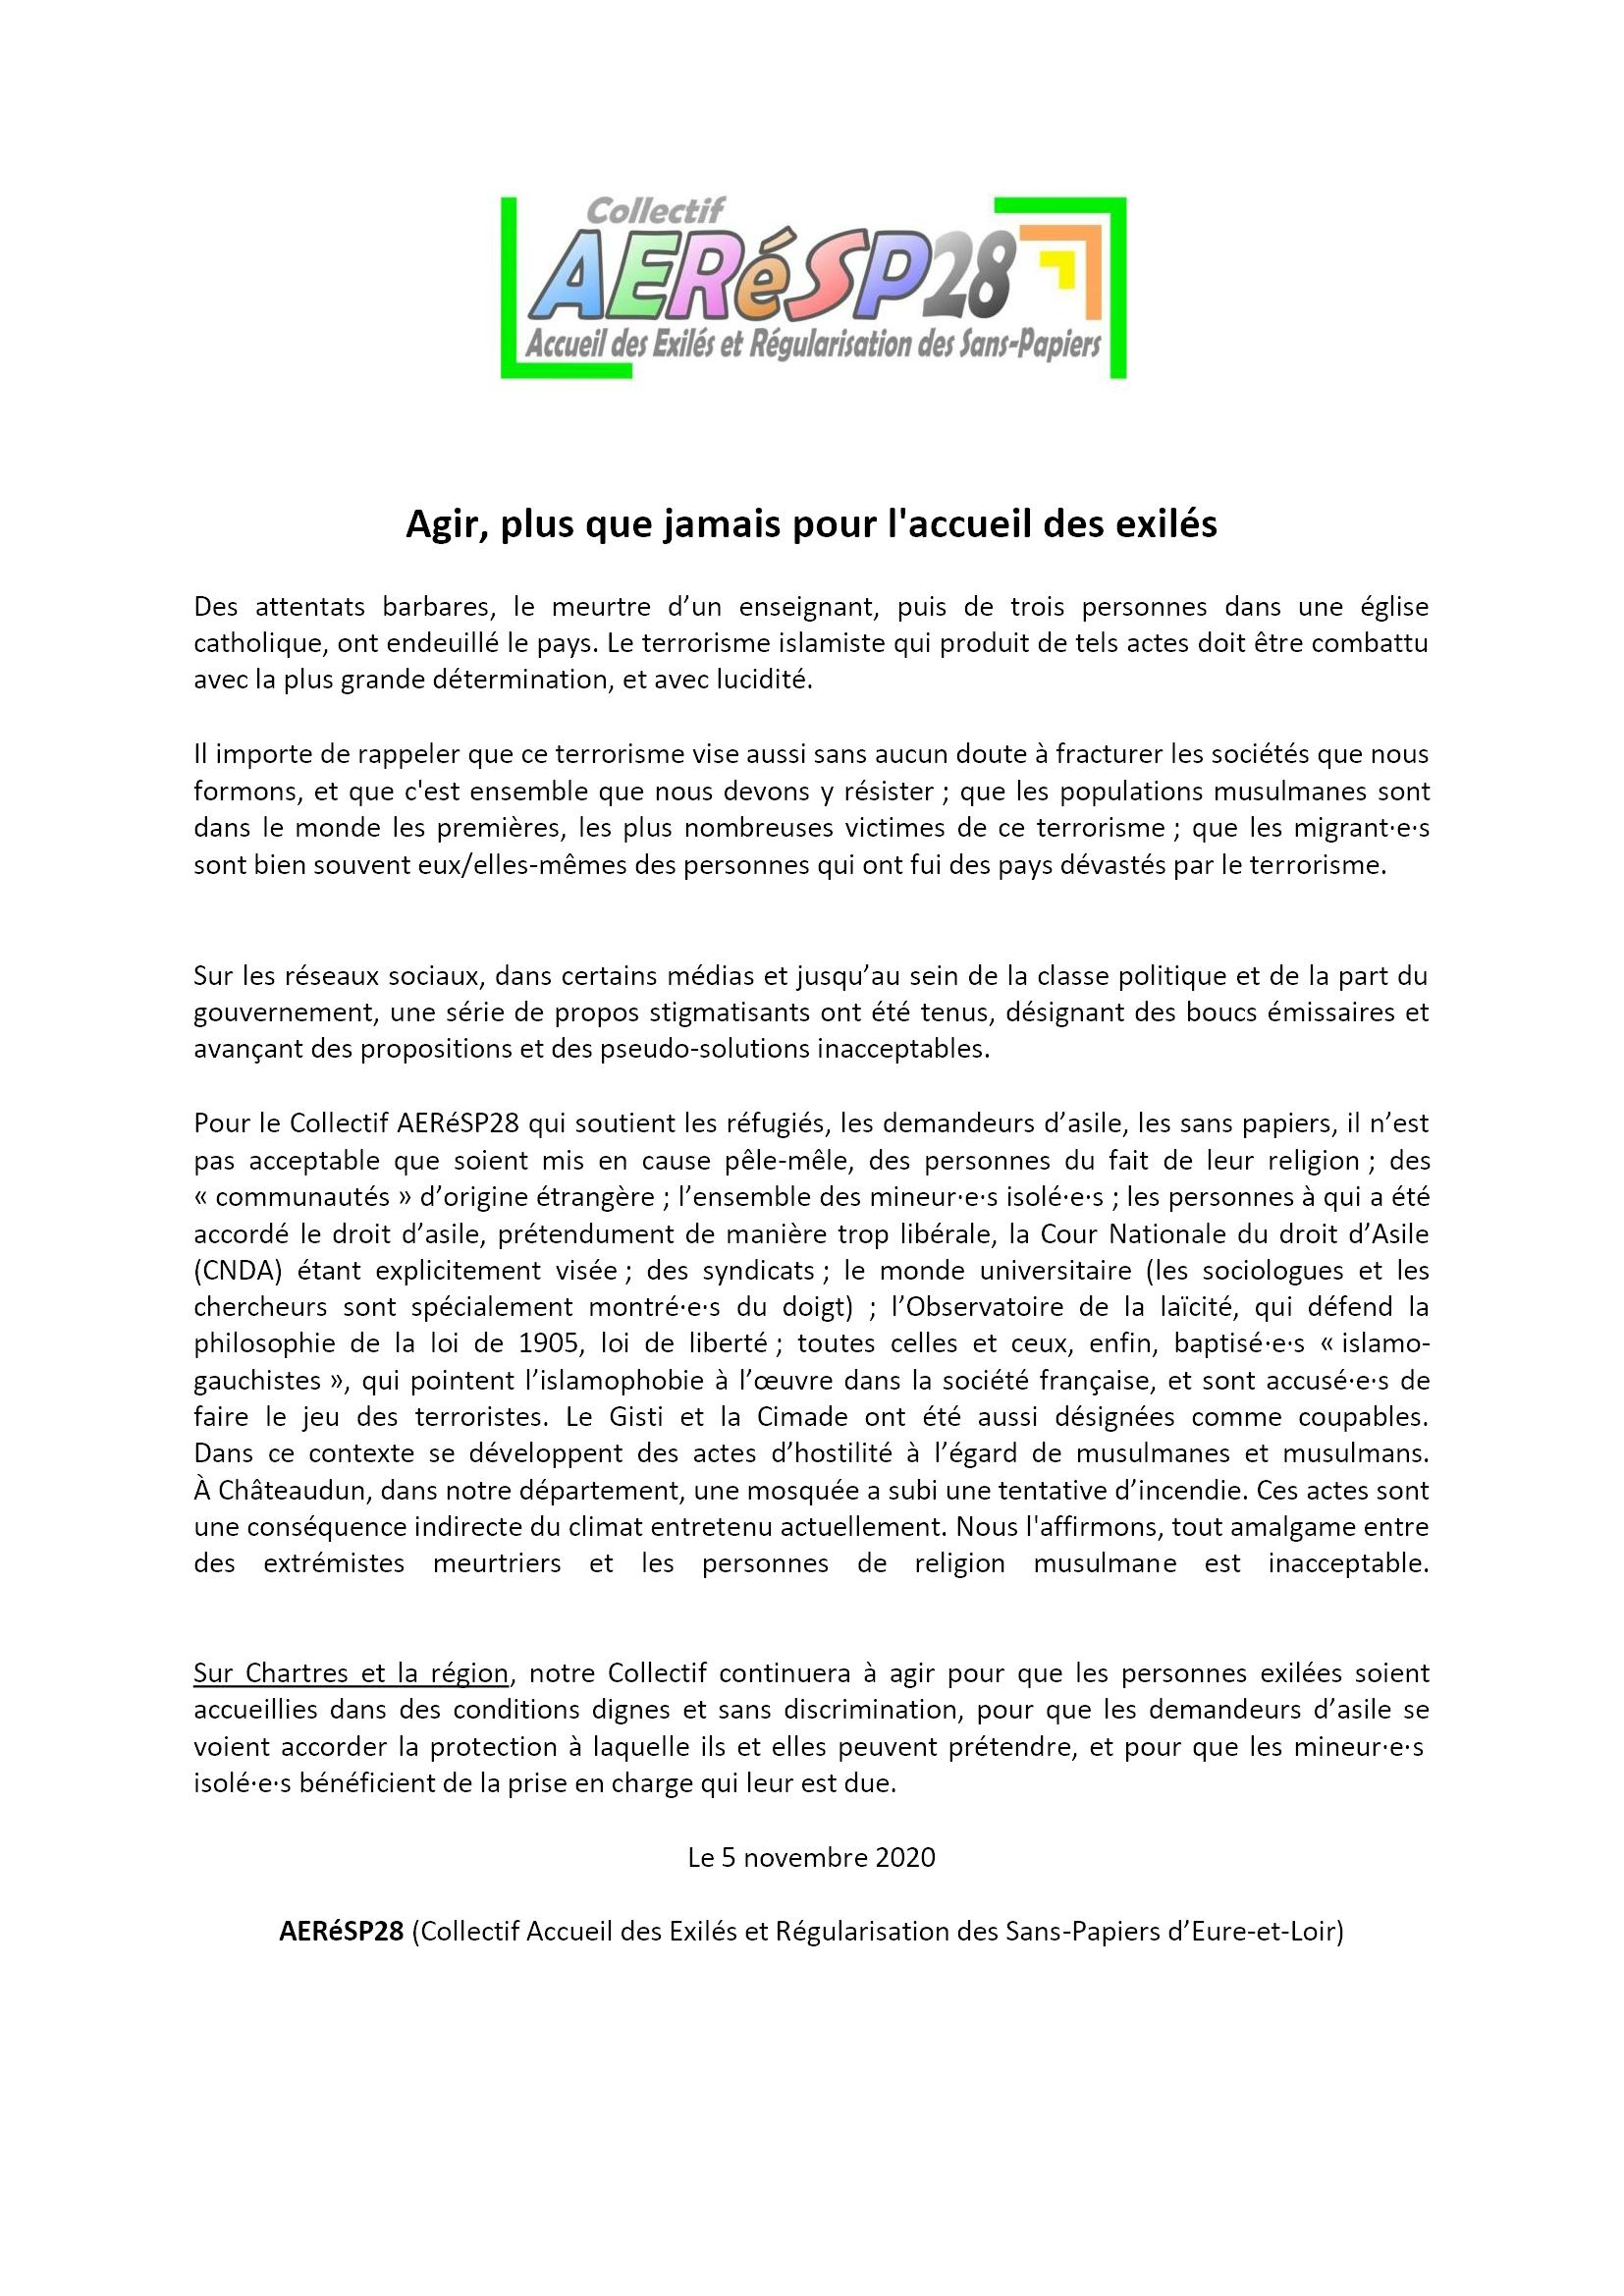 2020 11 05 Communiqué AERéSP28